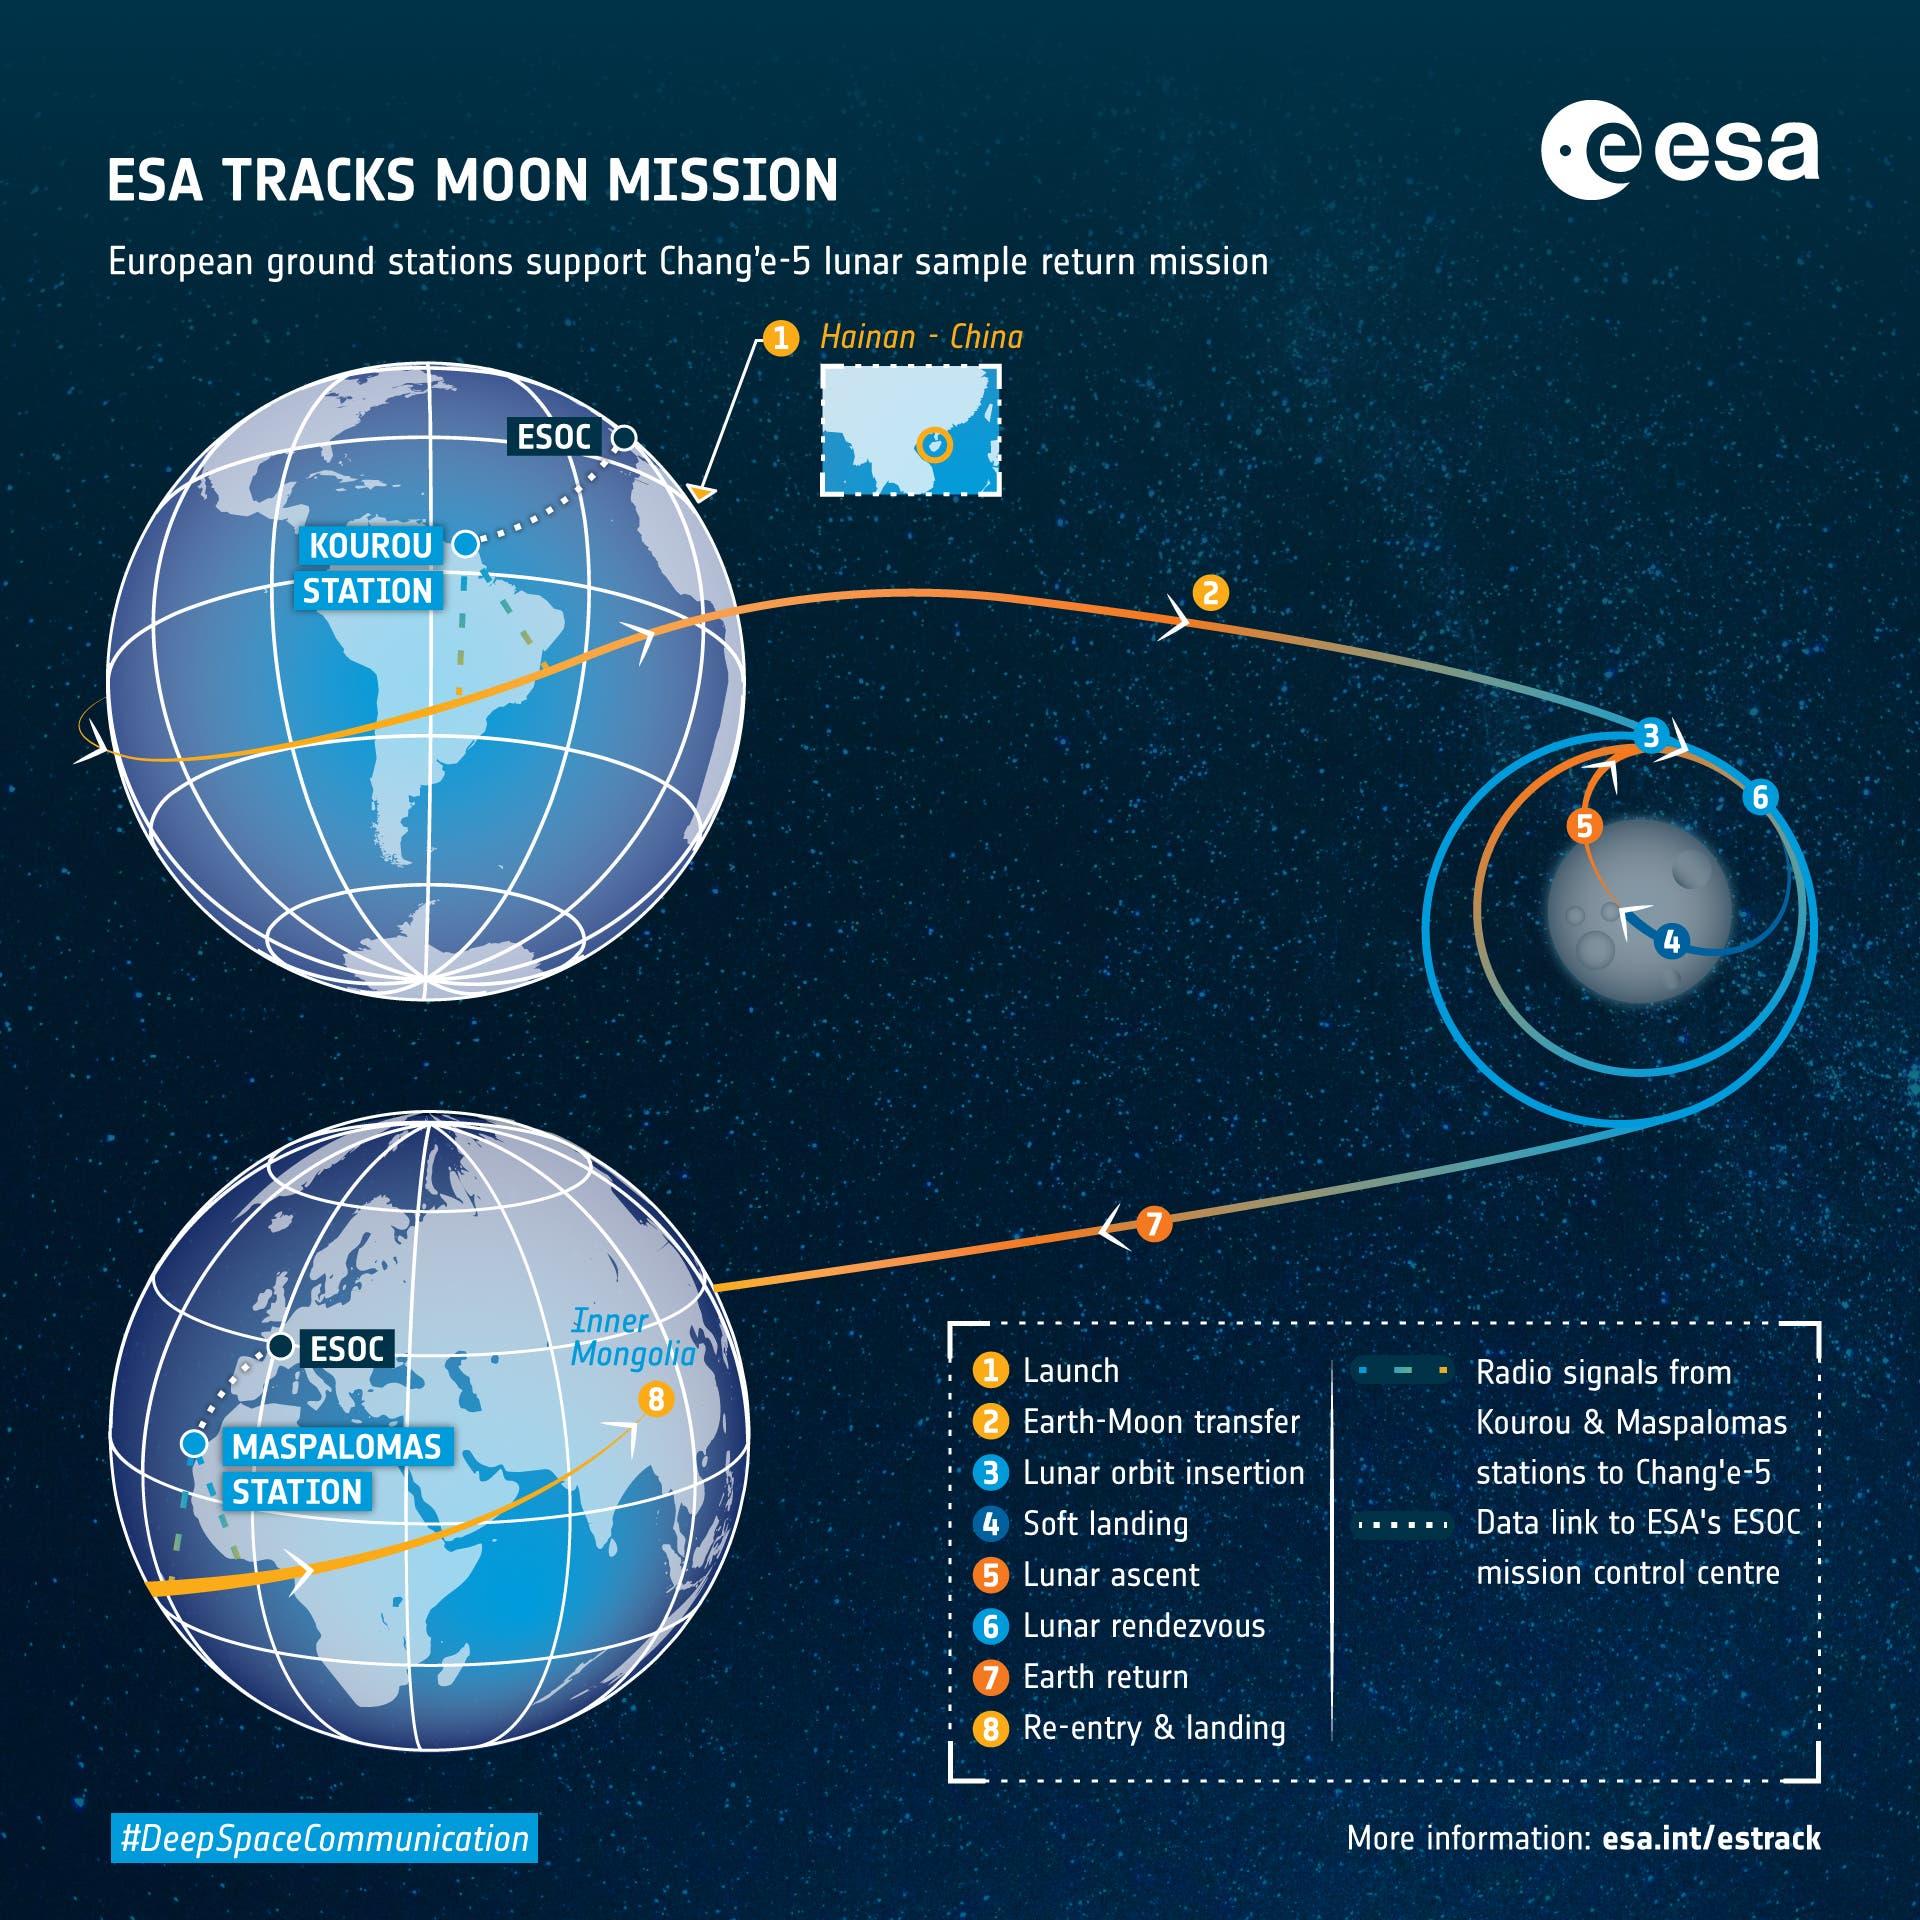 Die verschiedenen Phasen der Chang'e-5-Mission